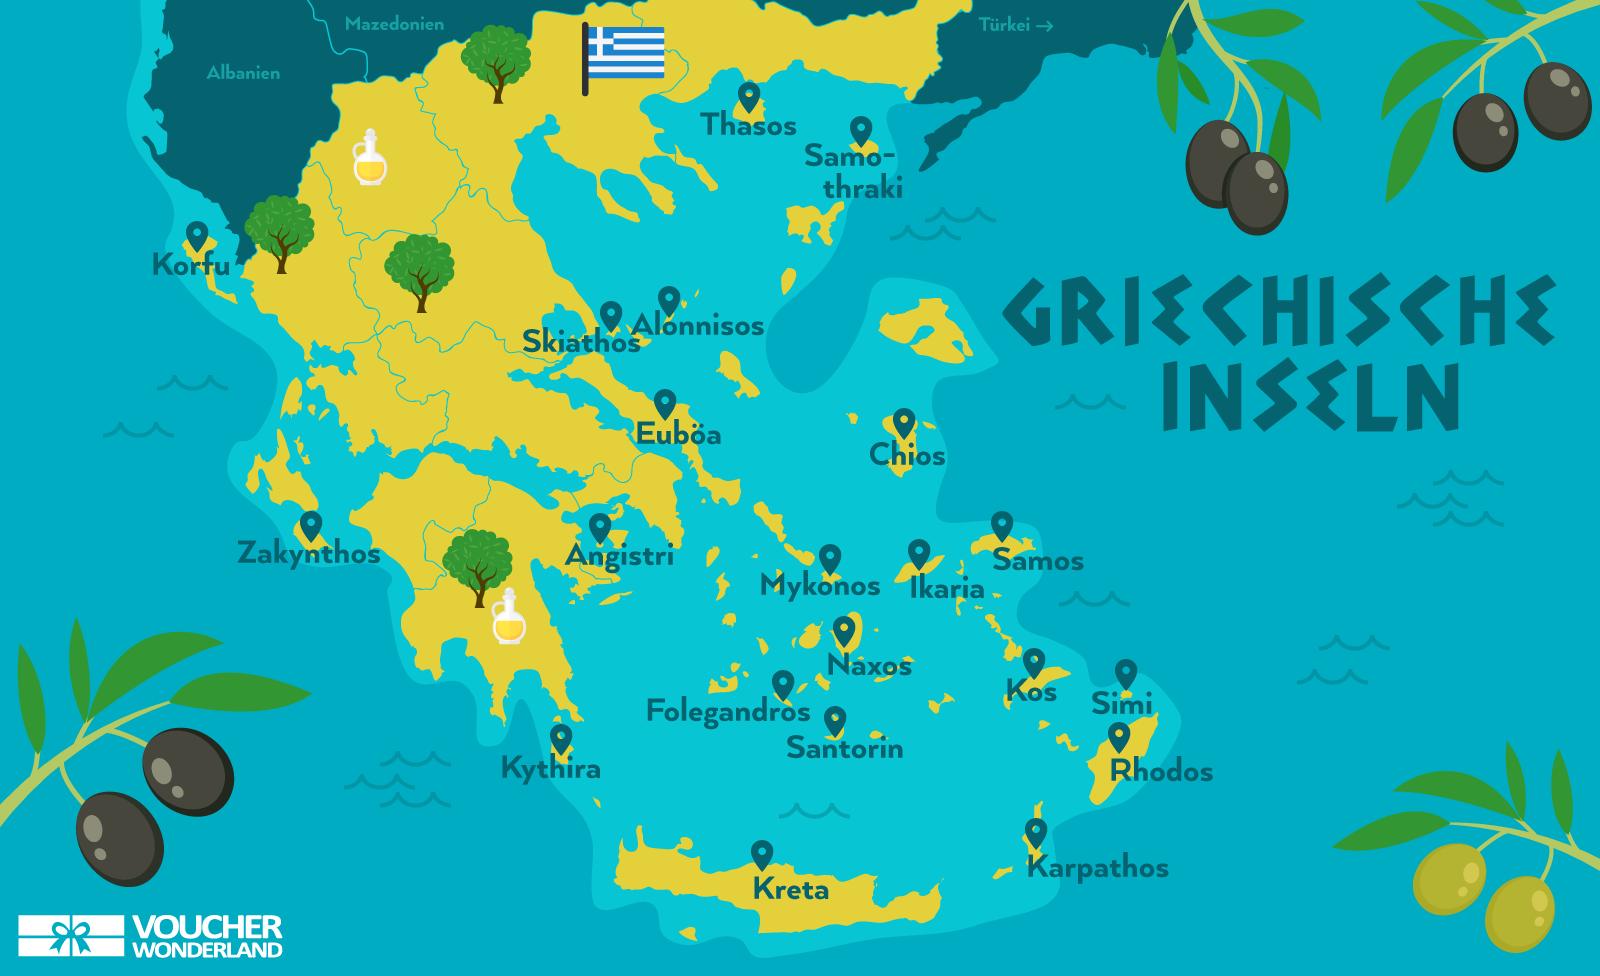 Die 11 schönsten Griechischen Inseln im Überblick 2019